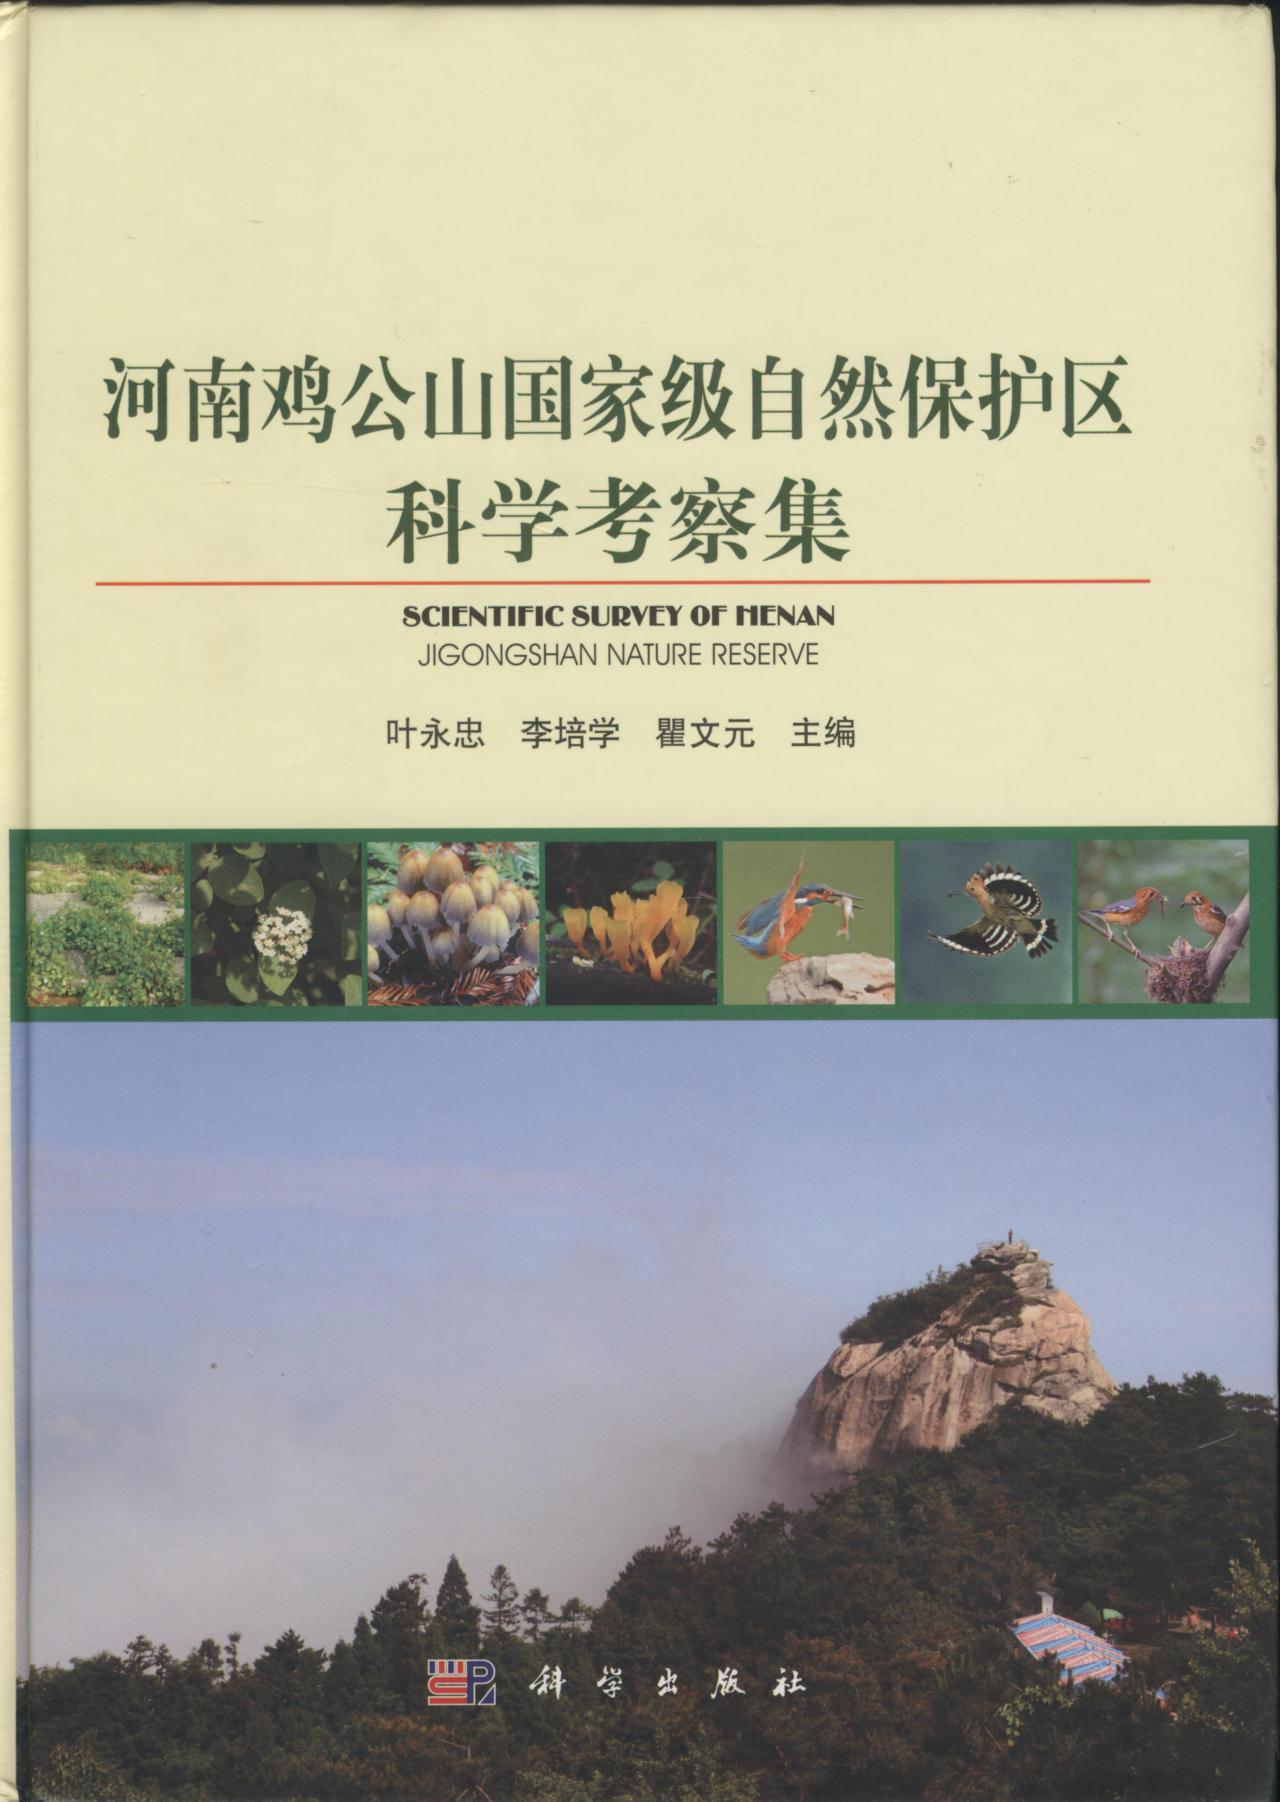 河南鸡公山国家级自然保护区科学考察集 SCIENTIFIC SURVEY OF HENAN JIGONGSHAN NATURE RESERVE